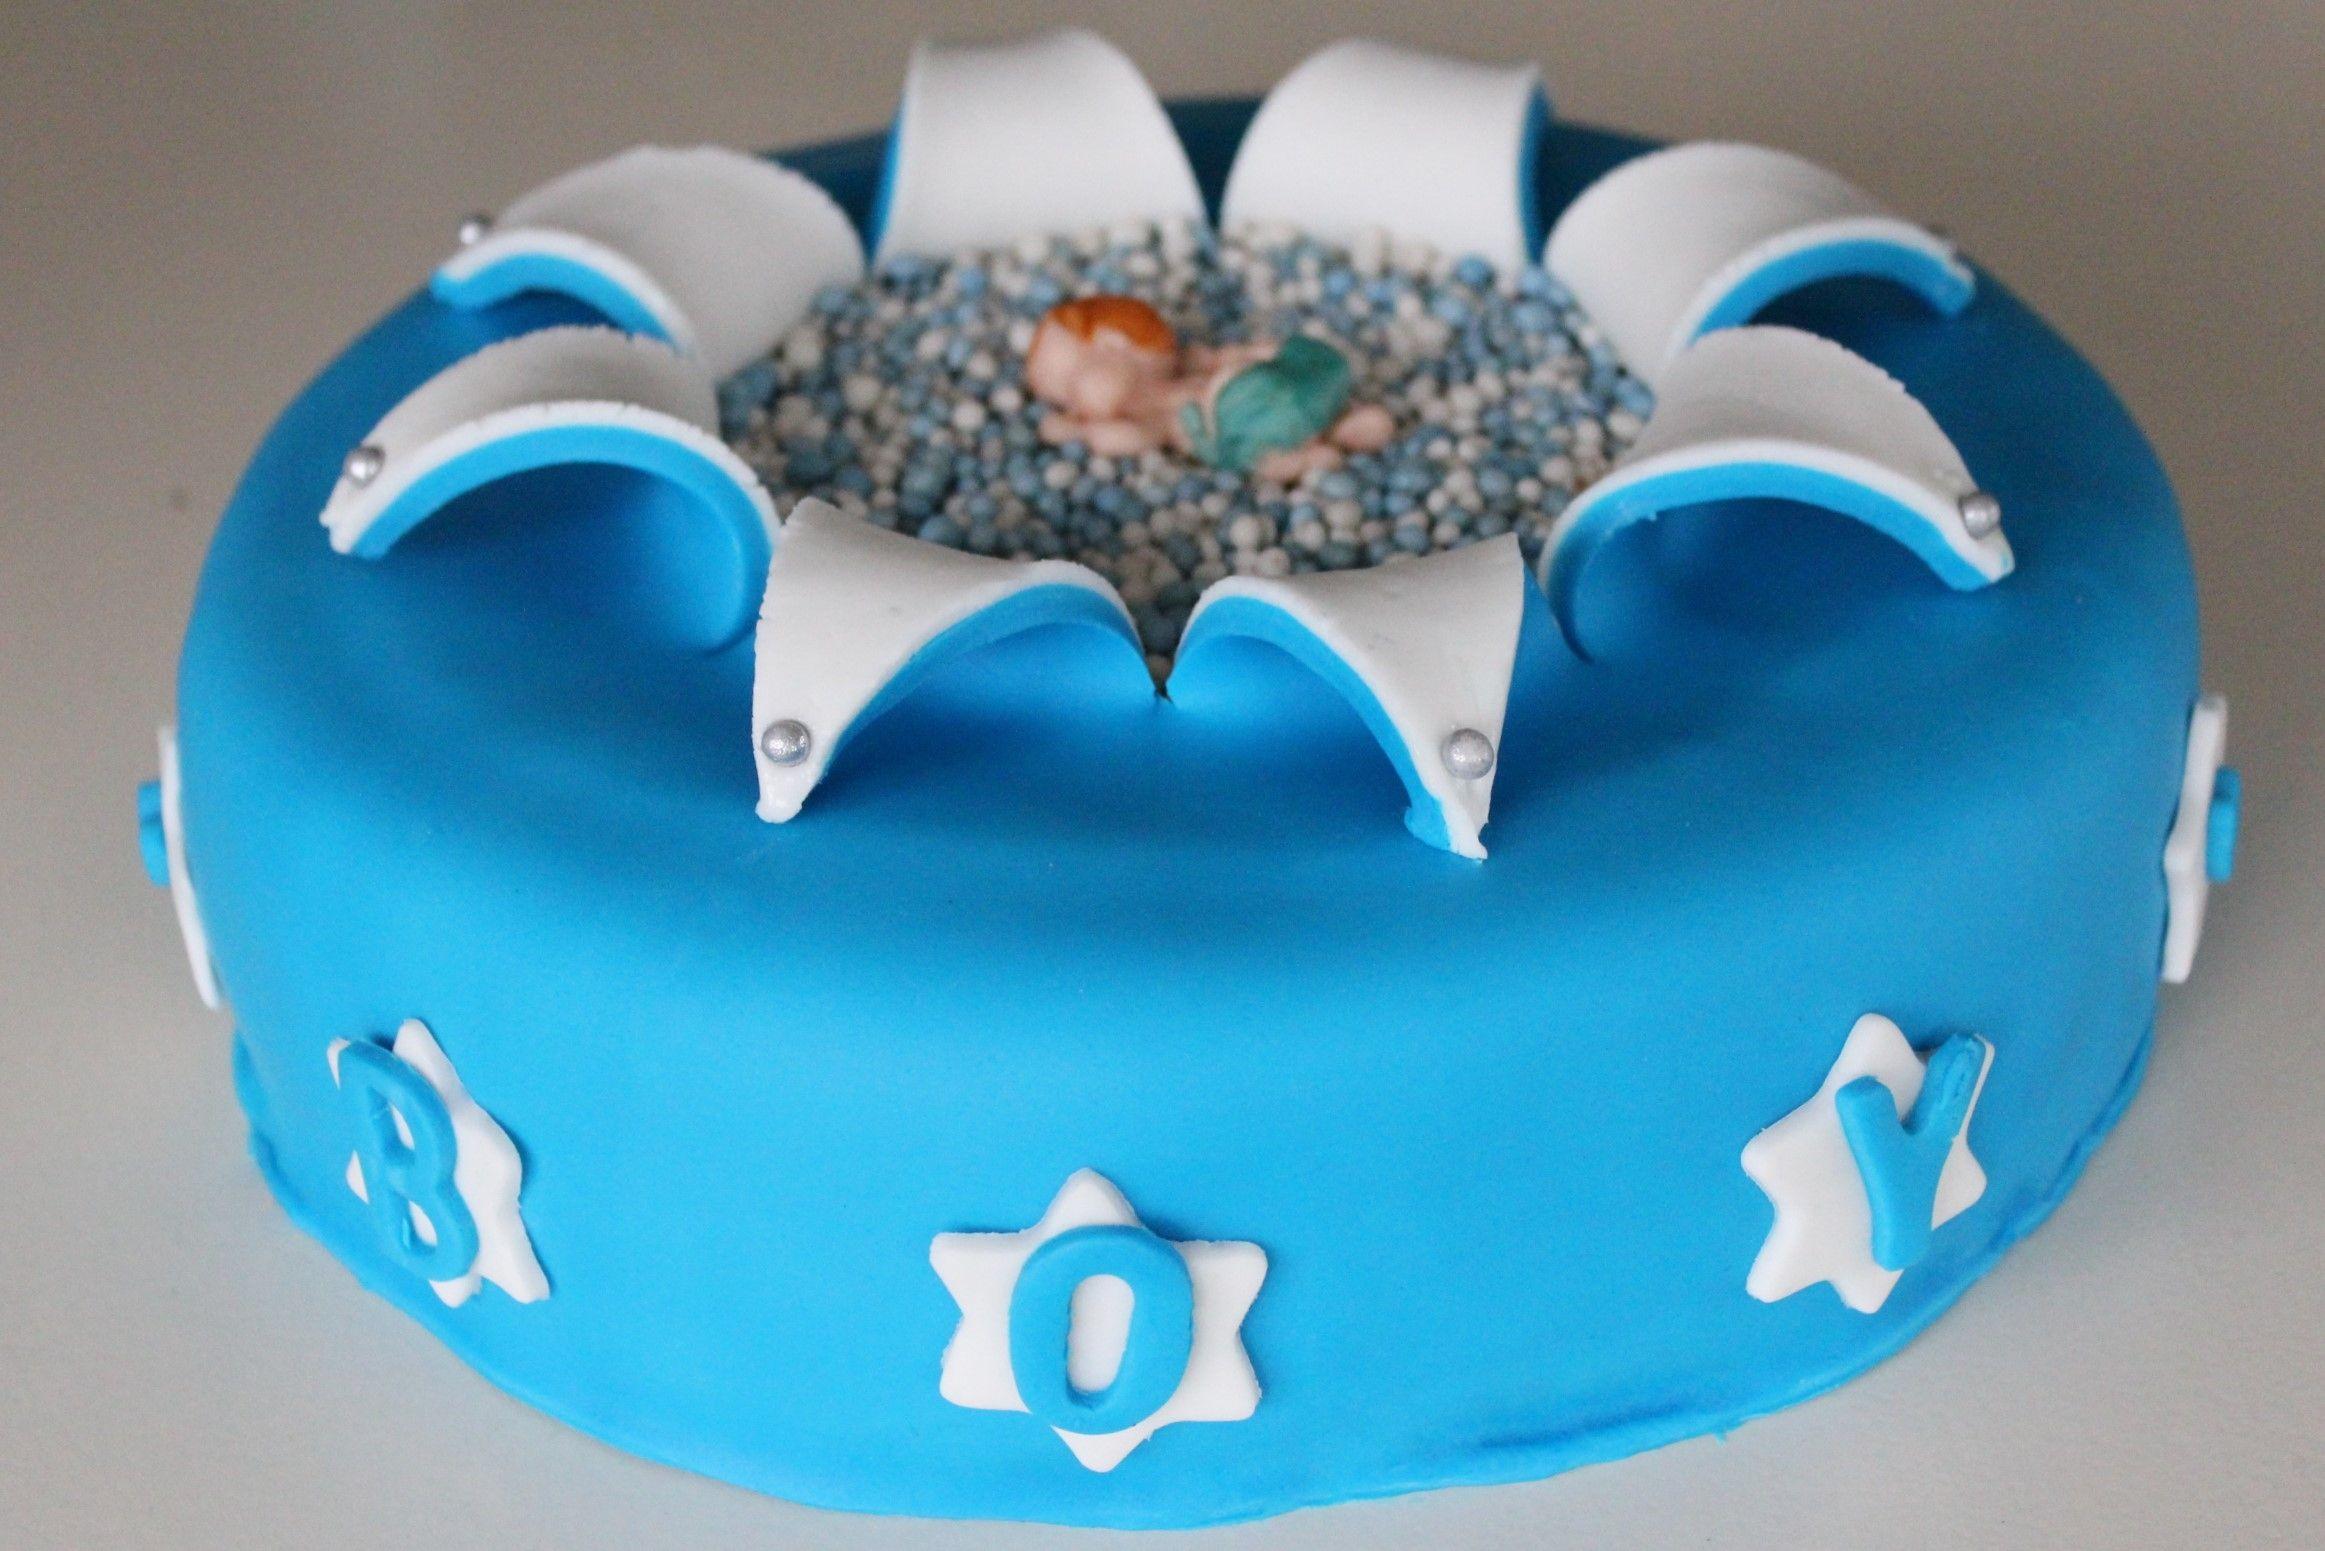 taart babyshower Open Taart Babyshower   Geweldig   Pinterest   Babyshower taart babyshower